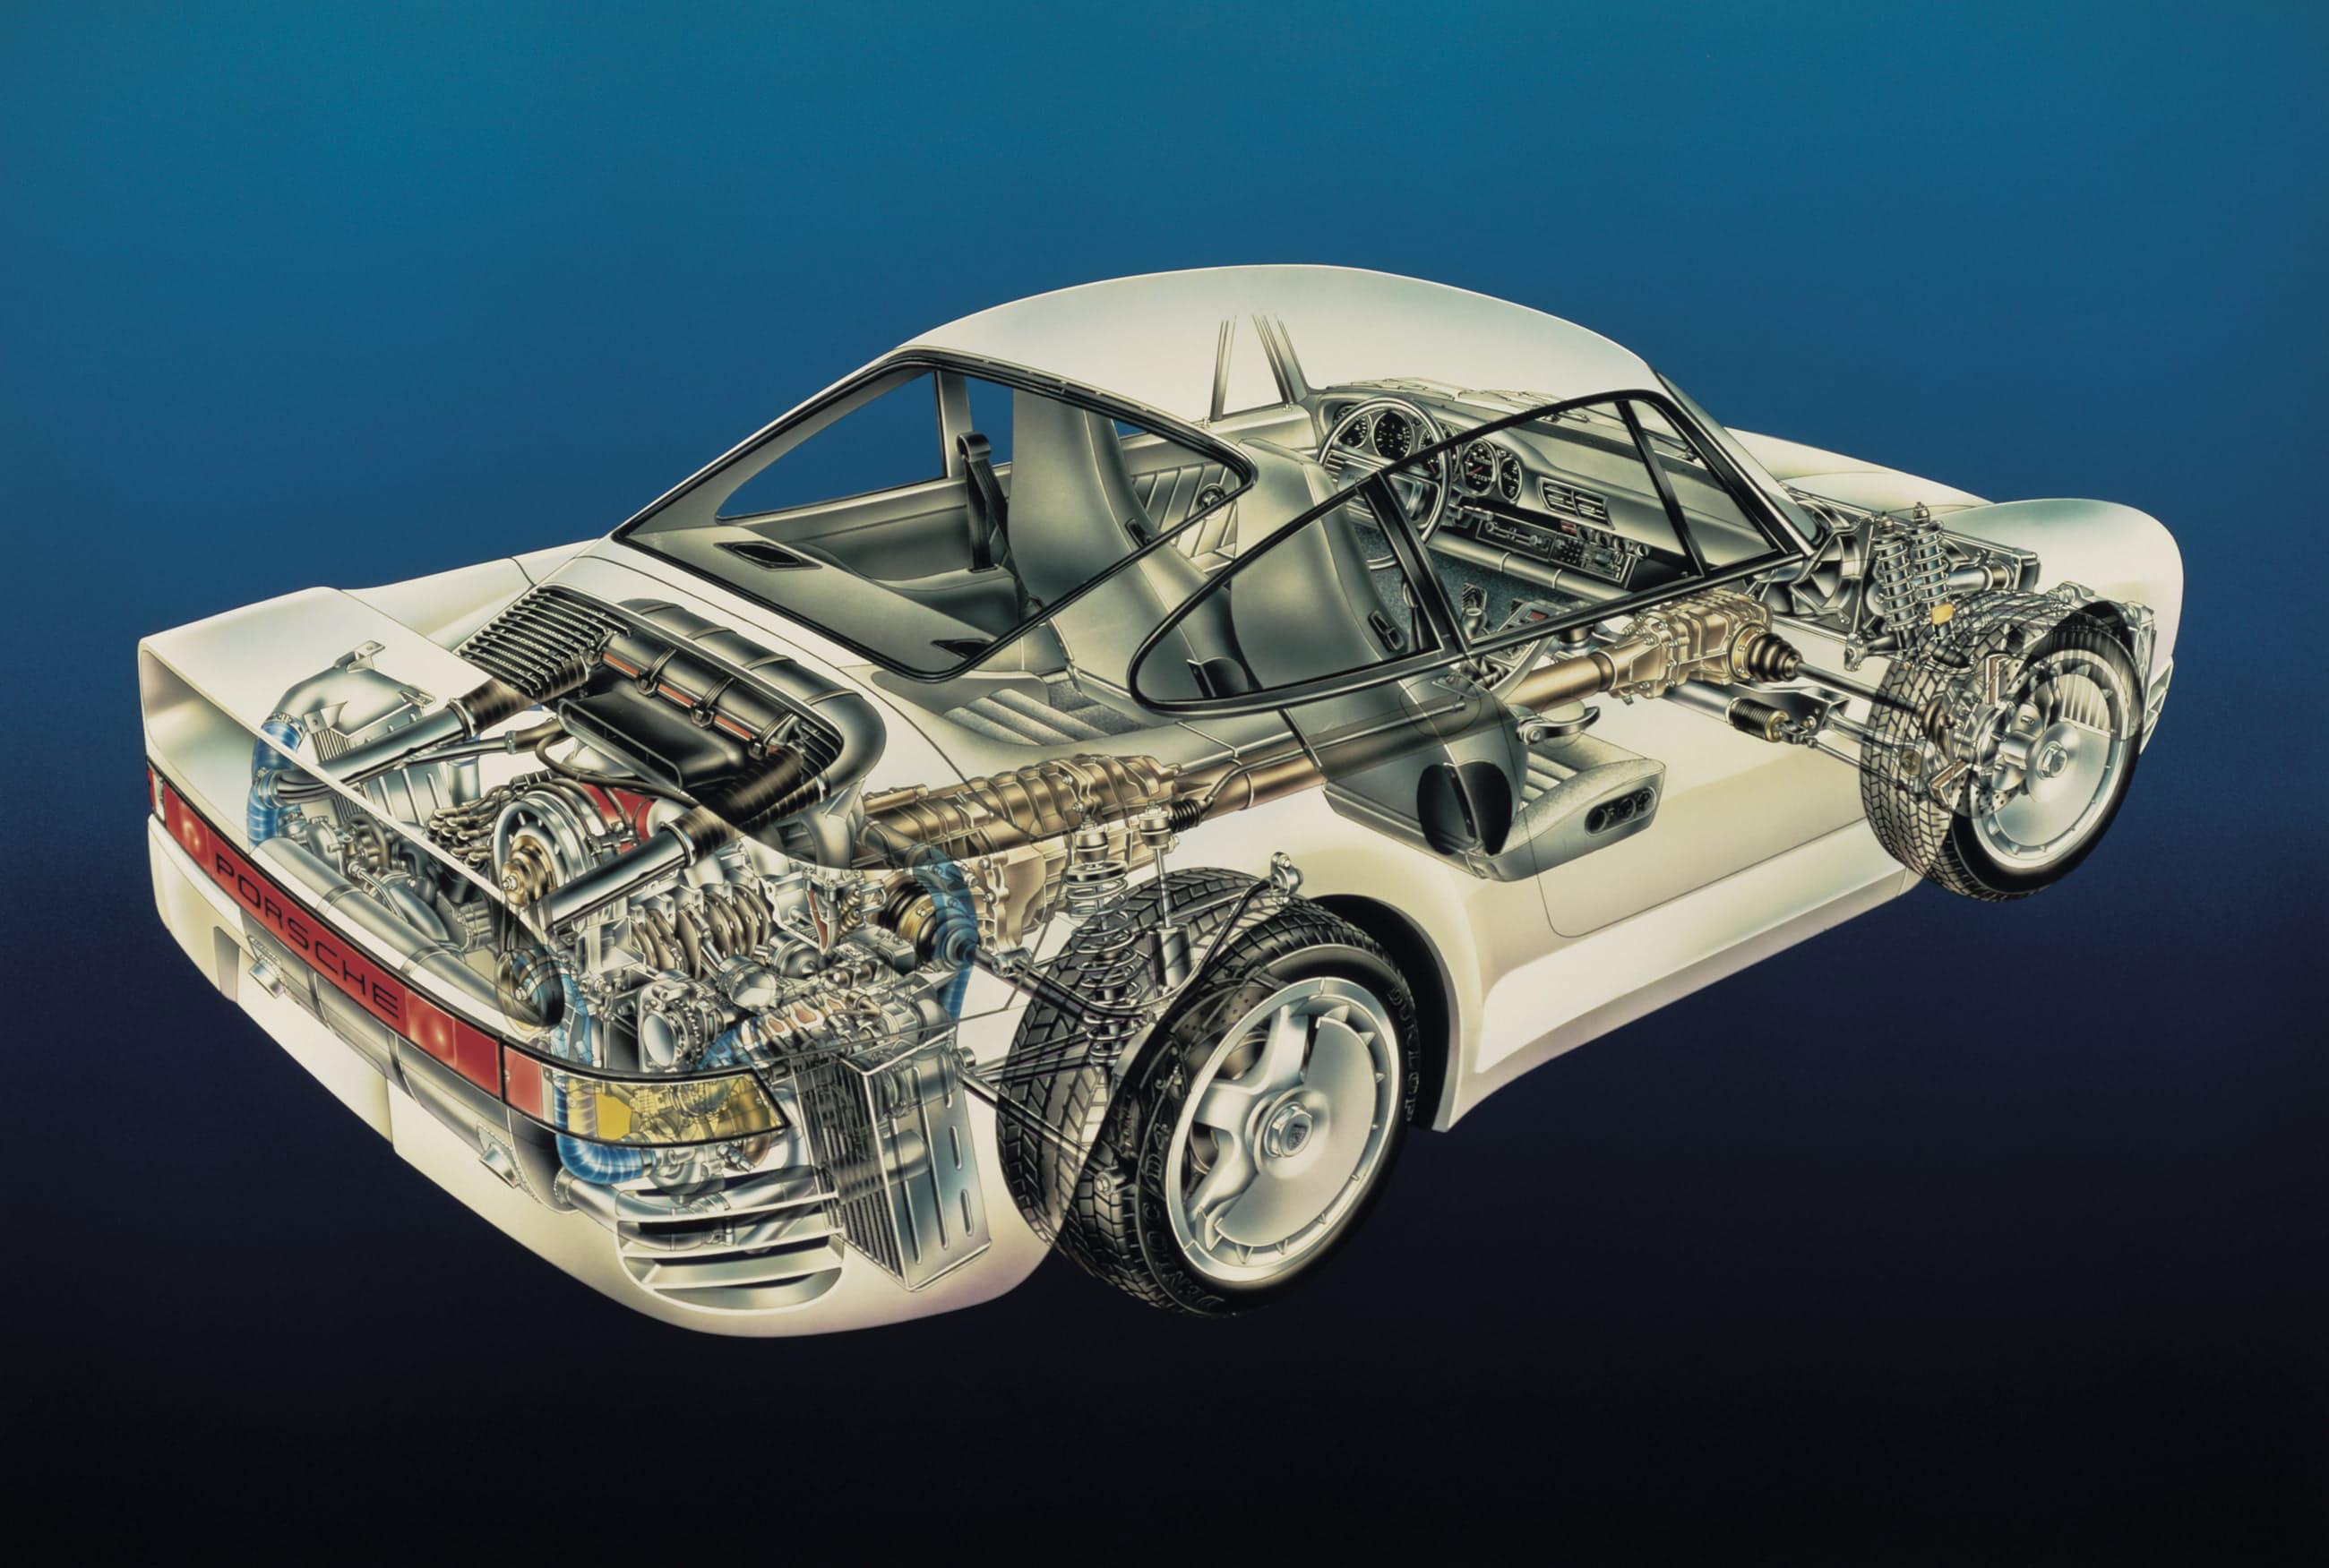 Porsche 959 cutaway